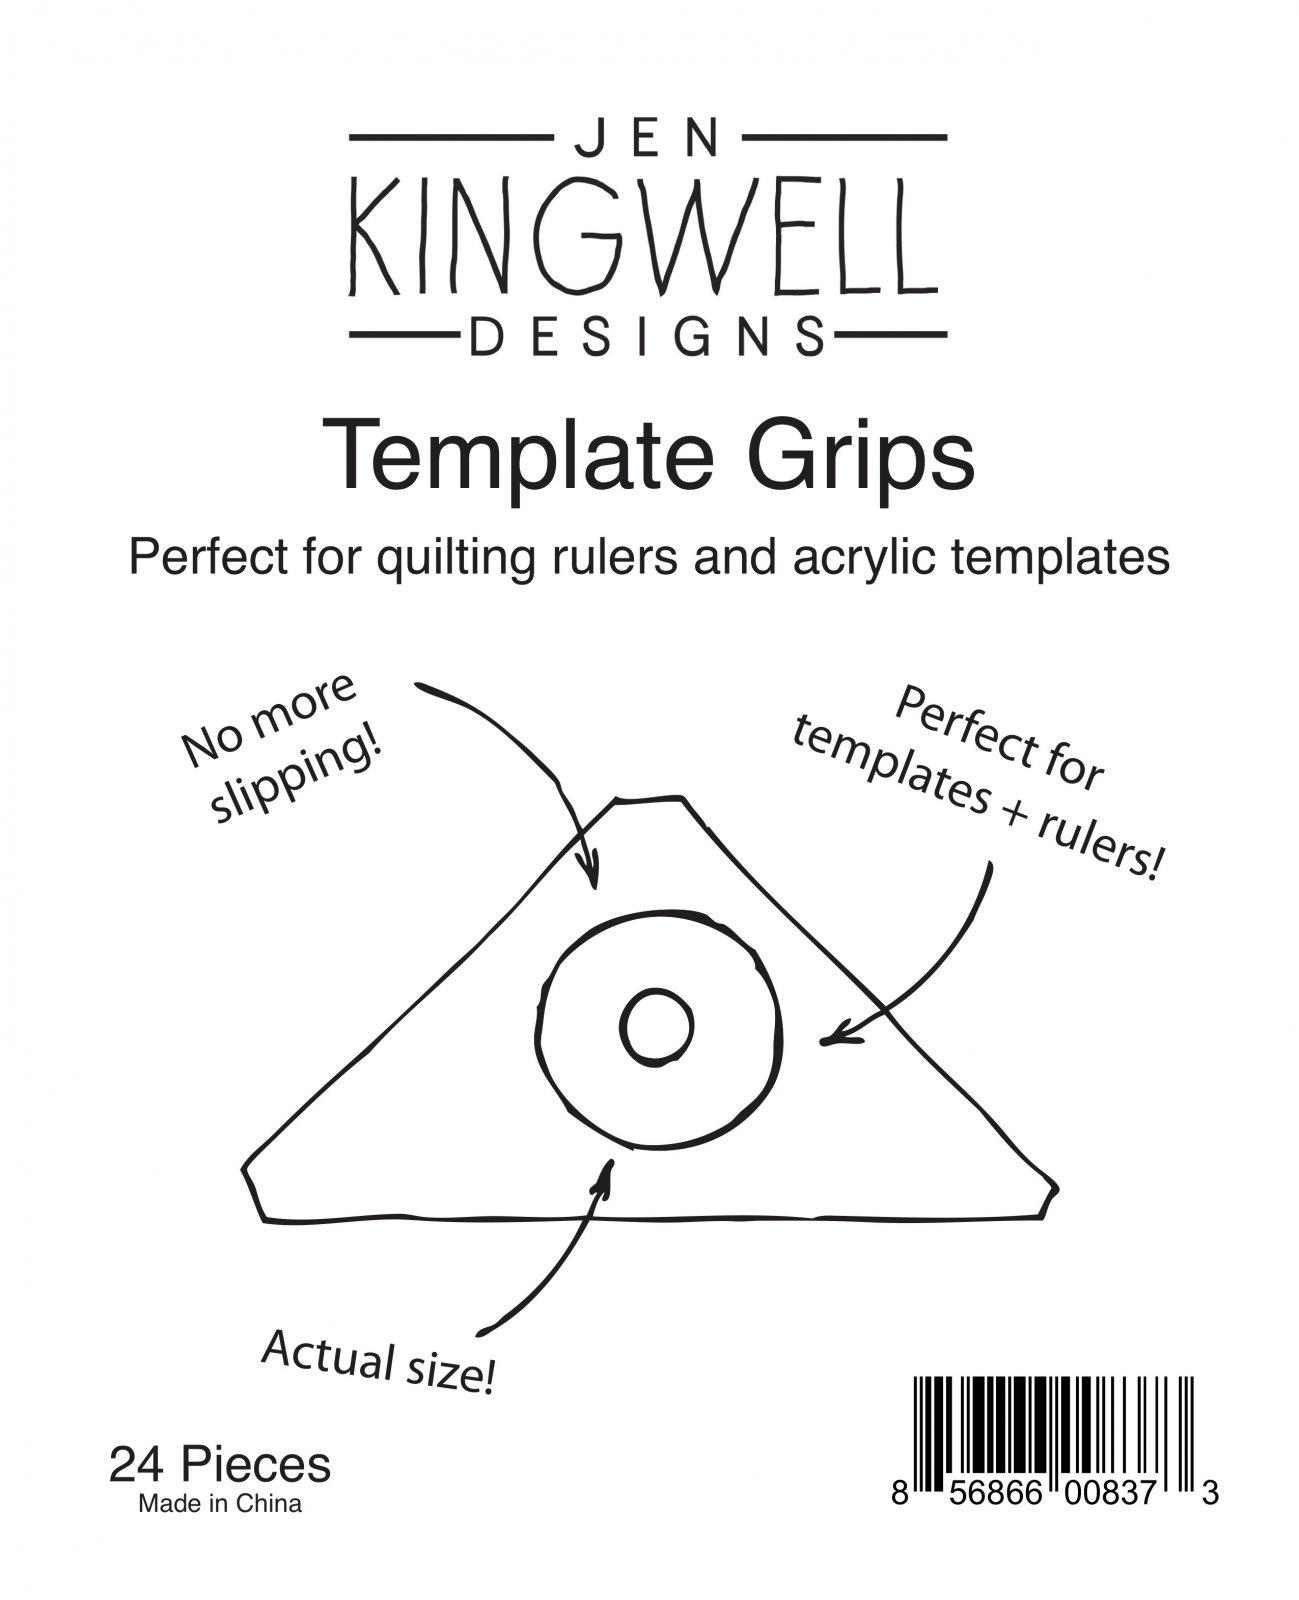 Template Grips by Jen Kingwell